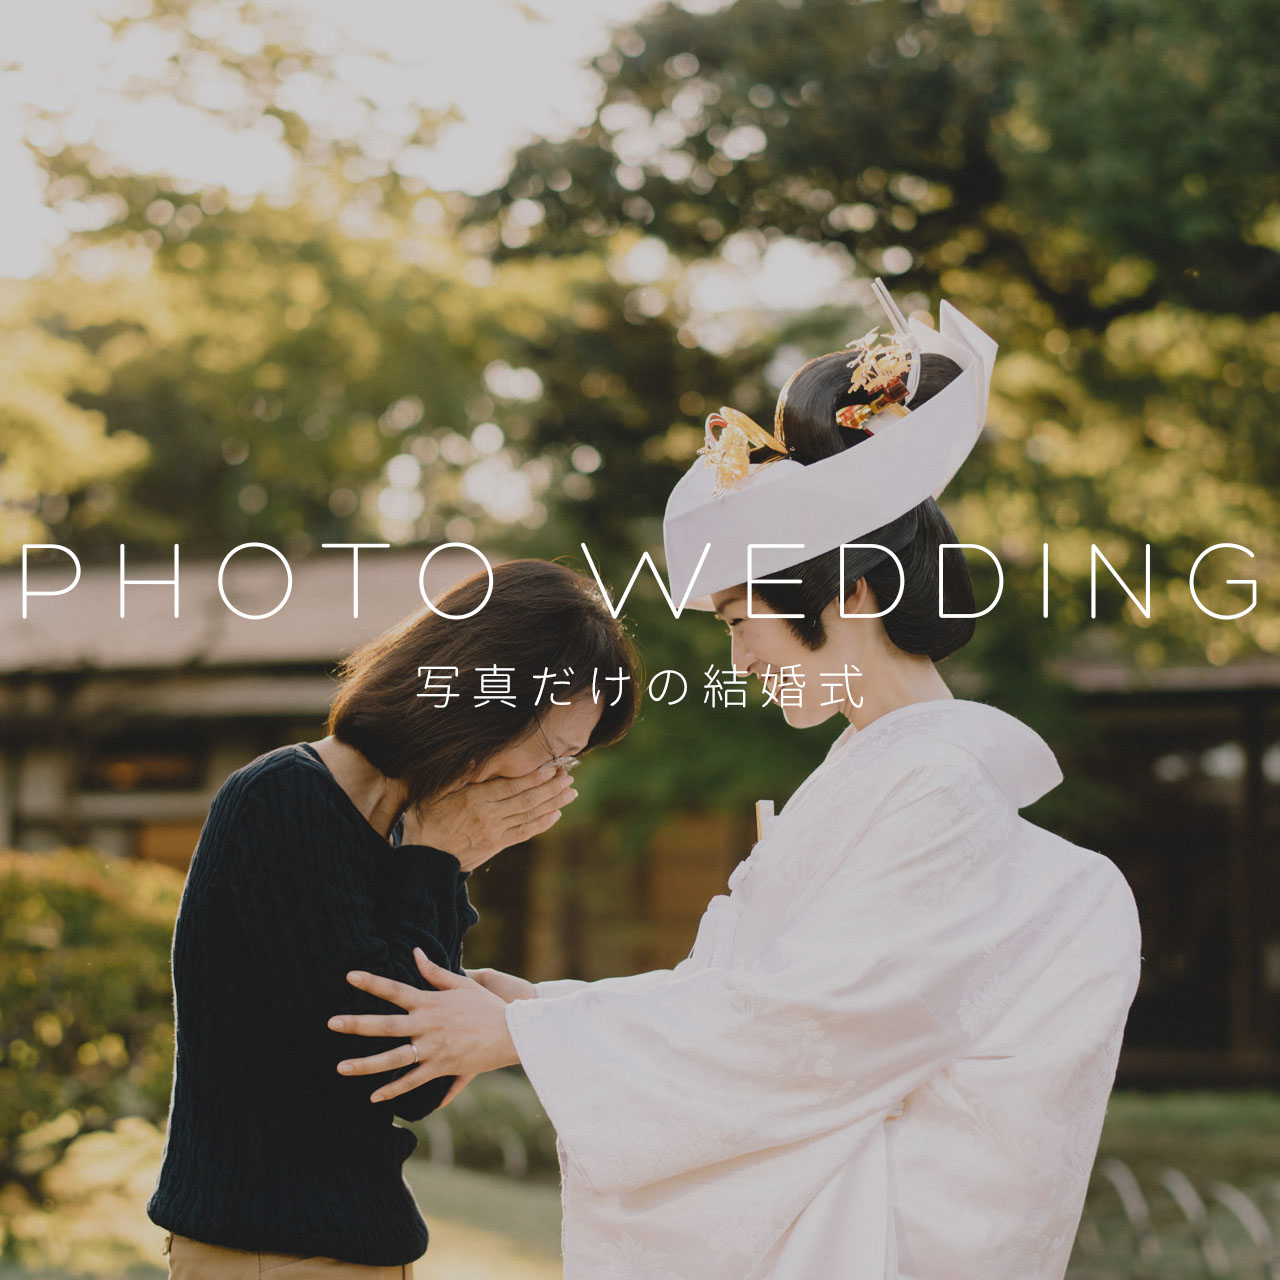 フォトウェディング 写真だけの結婚式 東京 Fika and Fotos 家族